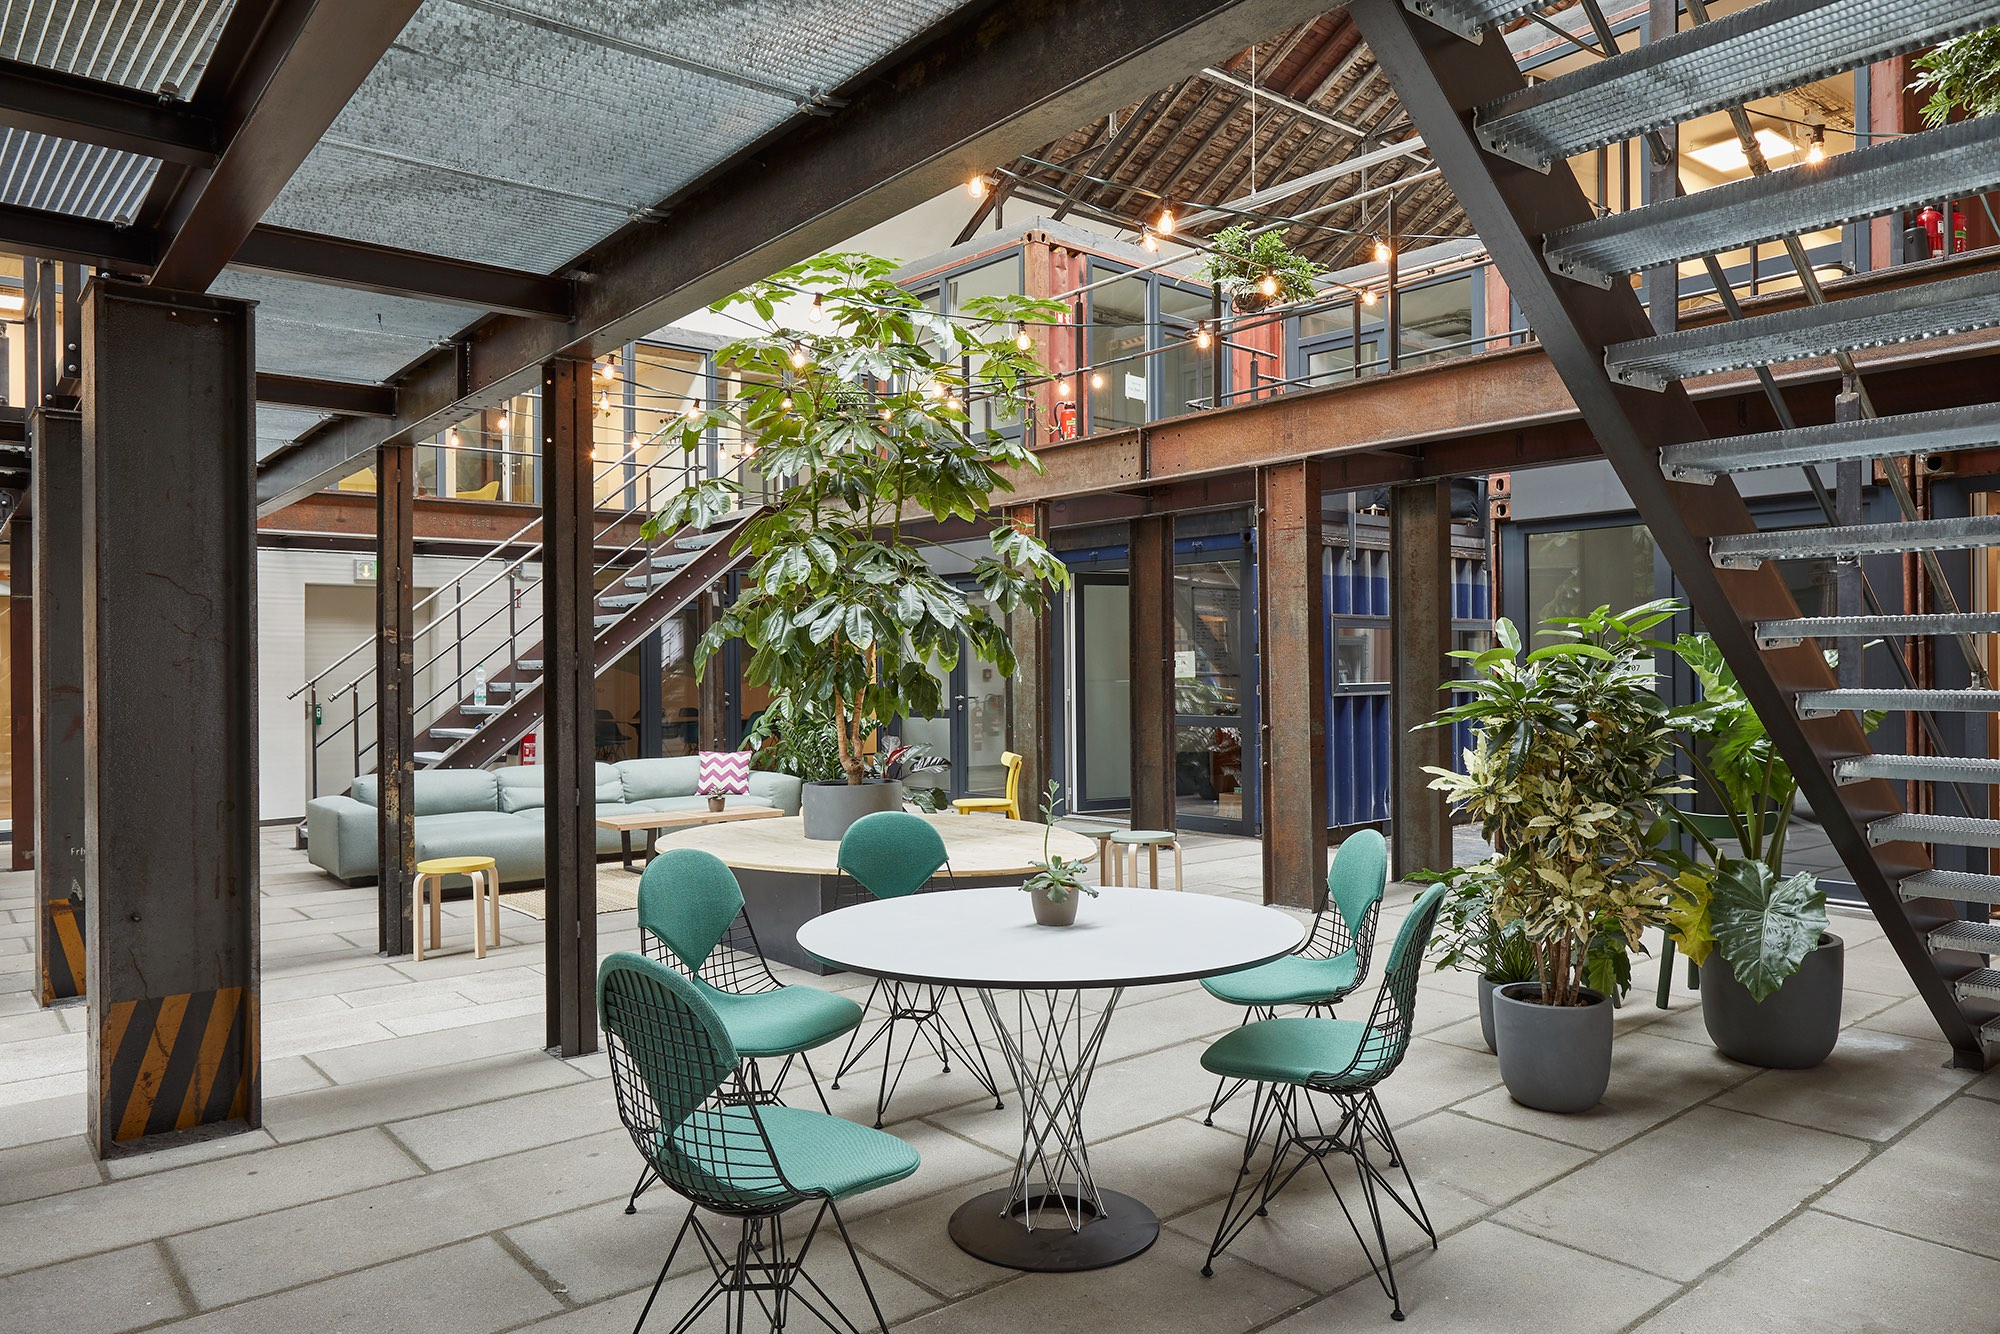 Lokhalle 4 in Grünhof – Inkubator und Heimat für die Nachhaltigkeitszene in Freiburg